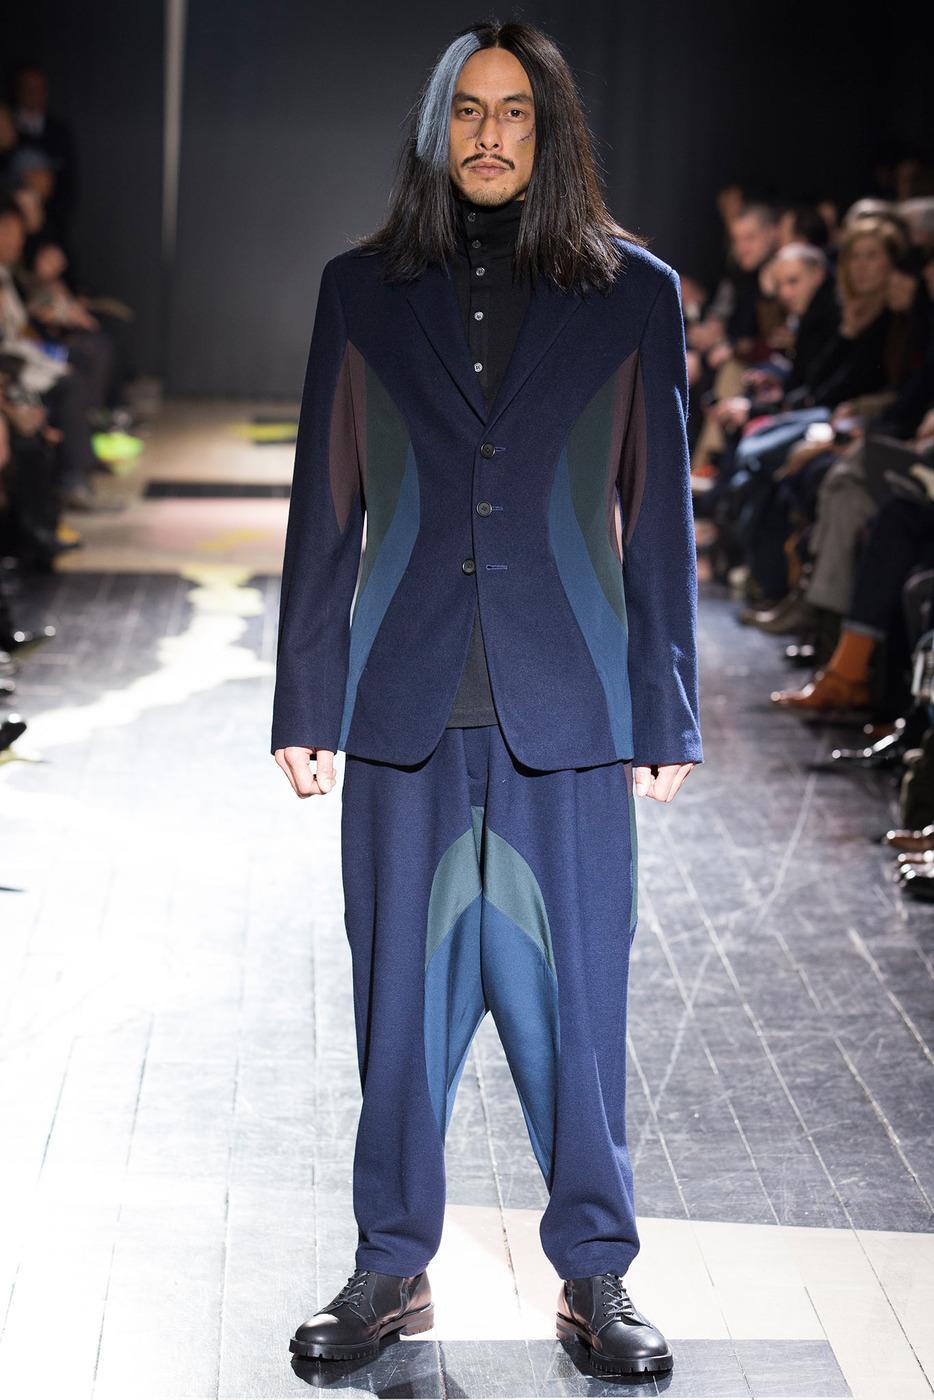 Это утверждение касается и мужских костюмов: в 2015 году в моде покрой костюмов, в которых щеголяли мужчины в 70-х годах прошлого века